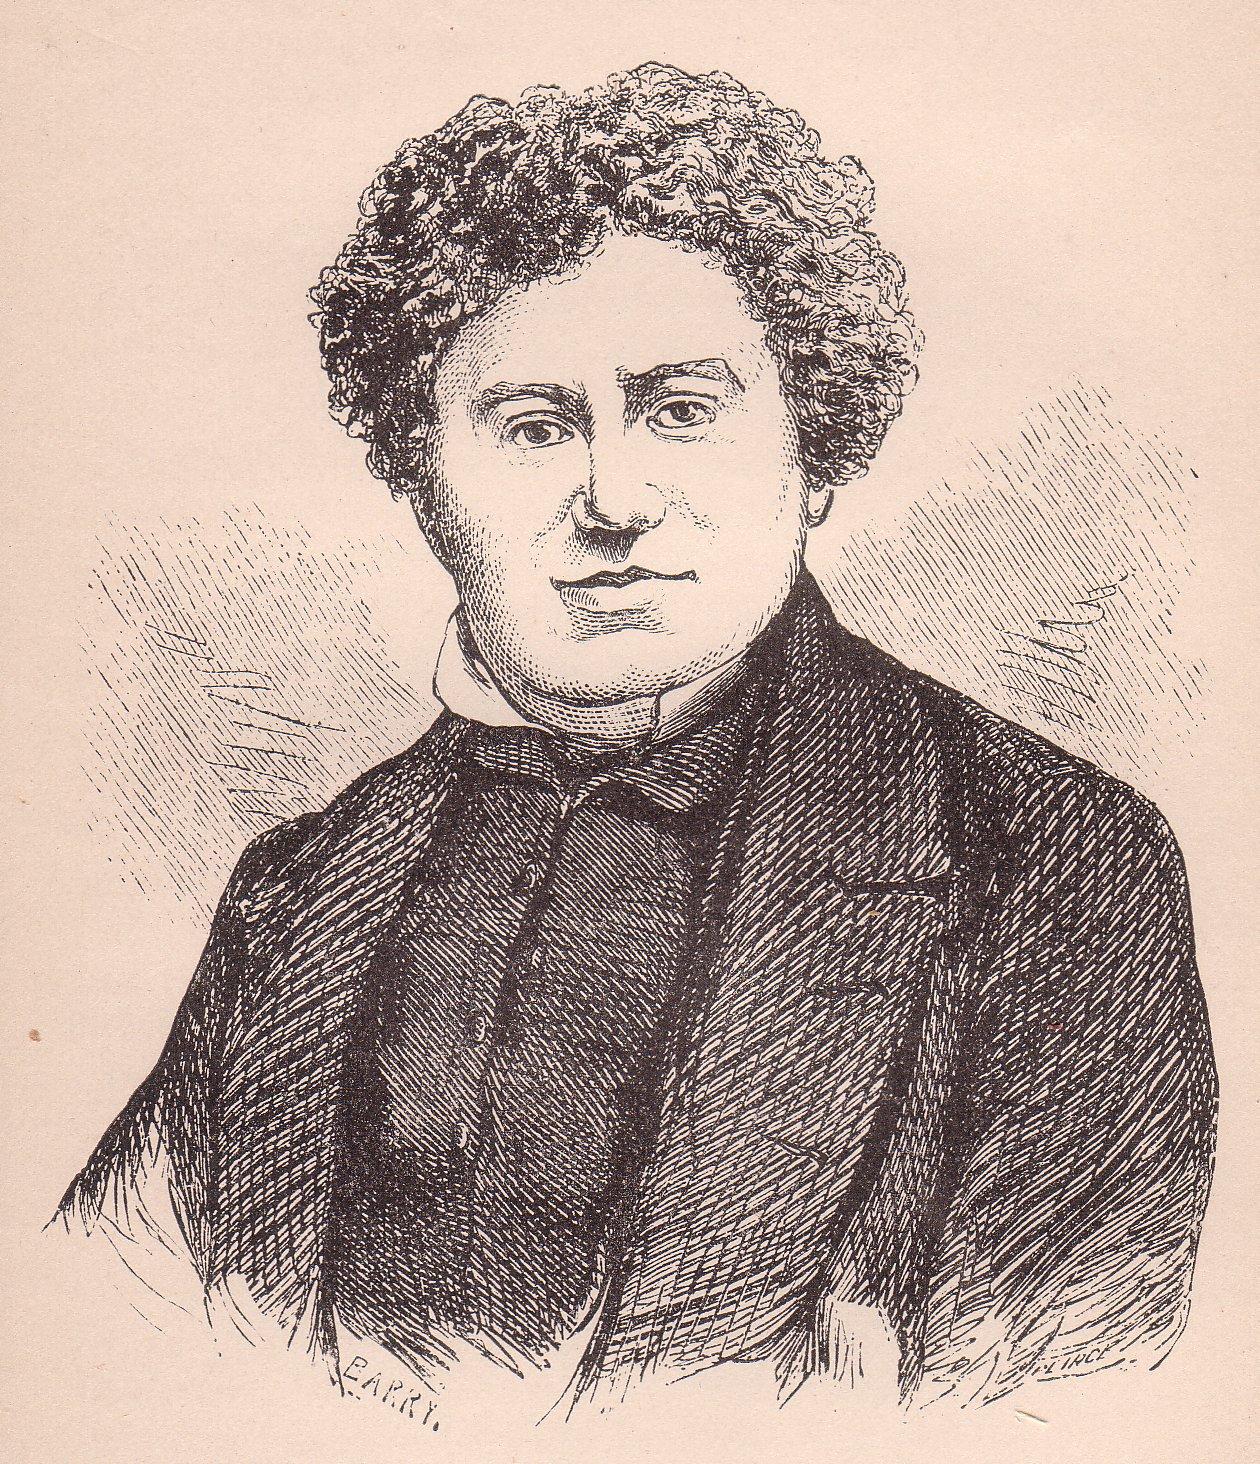 dumas Автопортрет набросанный в 1868 г в альбоме своей подруги поэтессы амели эрнст.